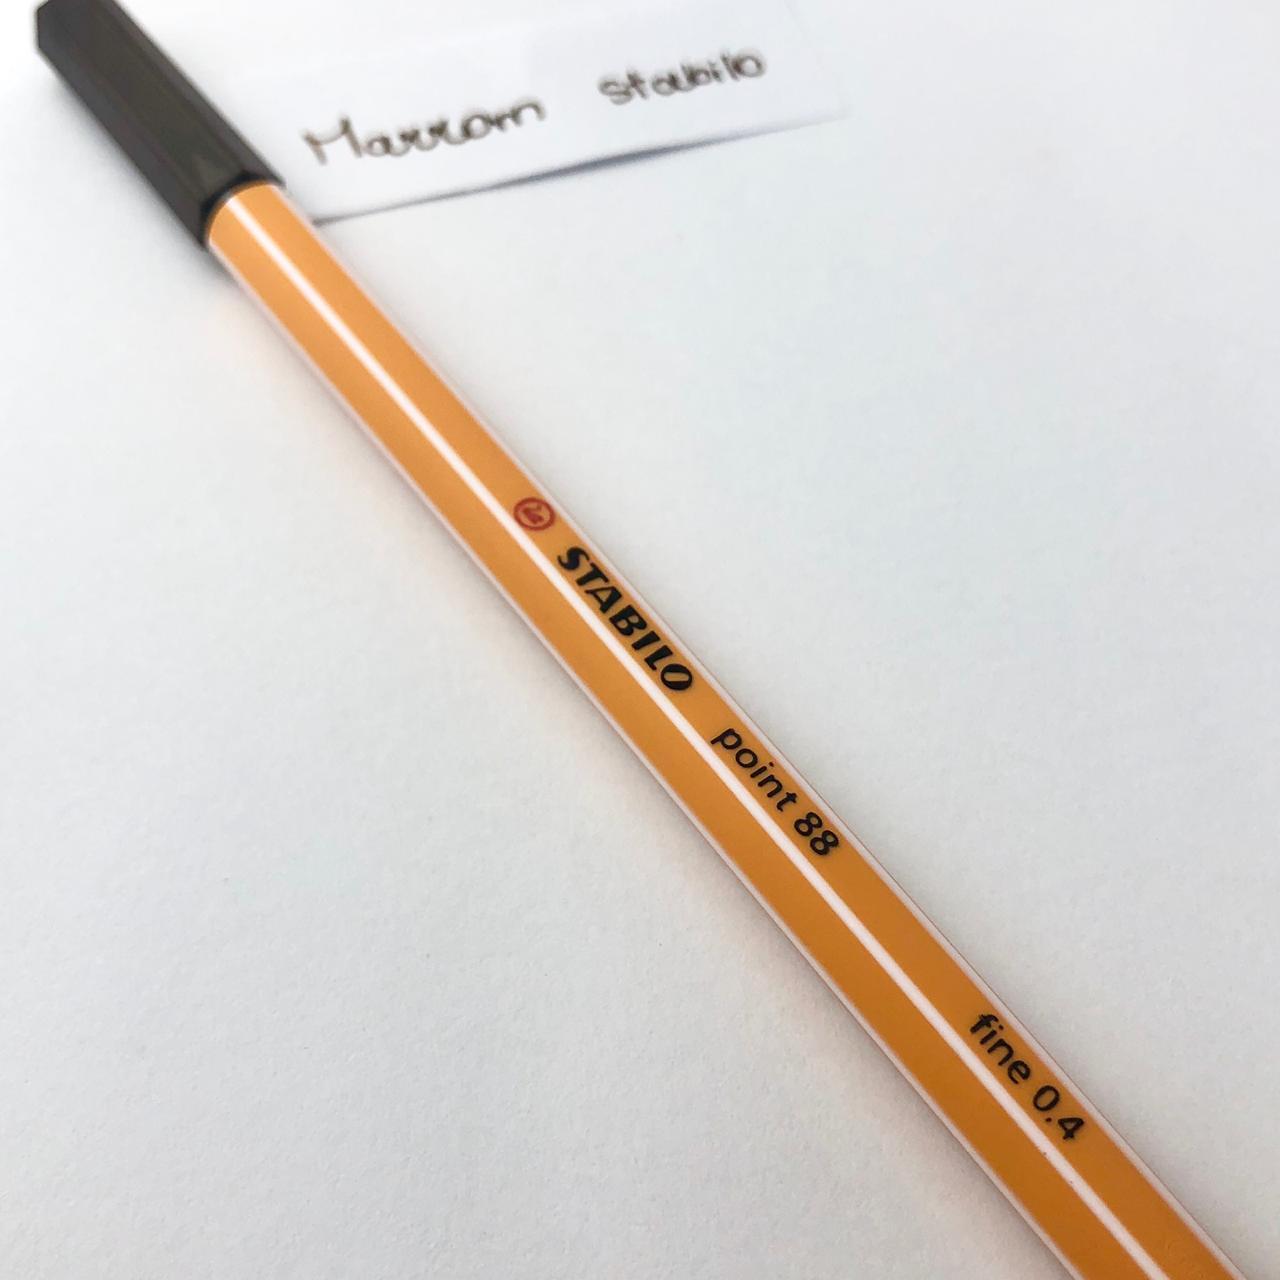 Caneta Stabilo 0,4 - Marrom escuro (88/65)